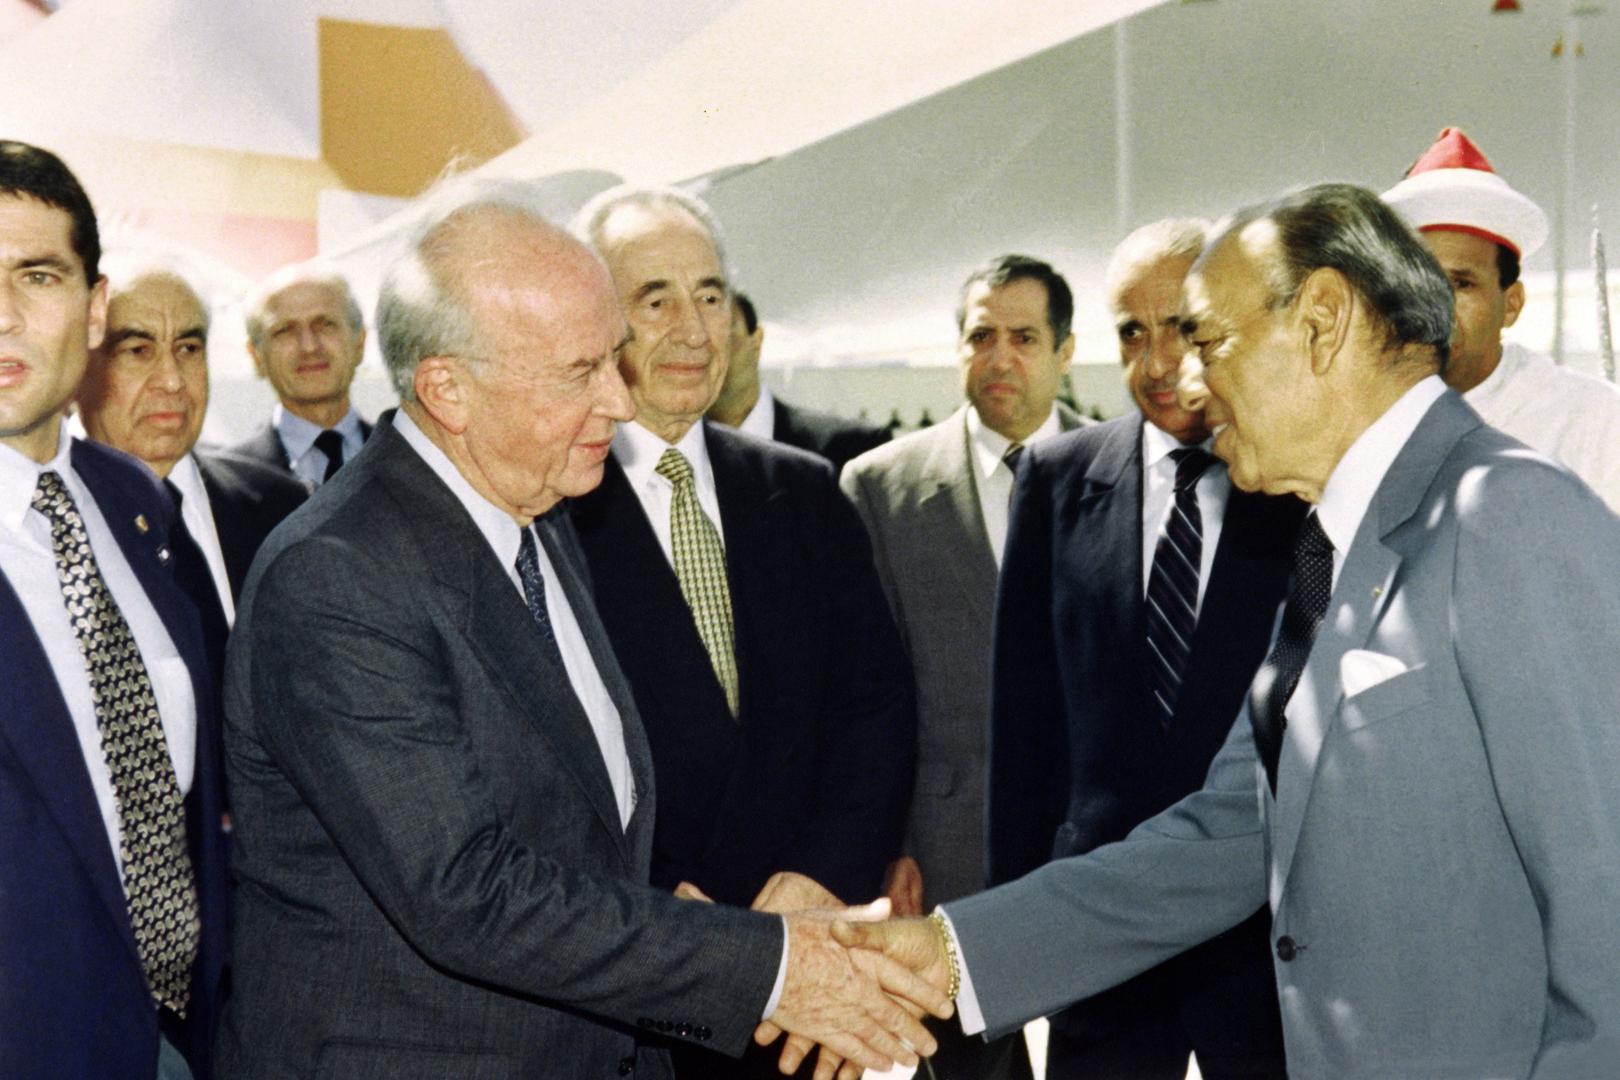 الأحداث المغربية: حين اقترح الحسن الثاني منح إسرائيل عضوية جامعة الدول العربية